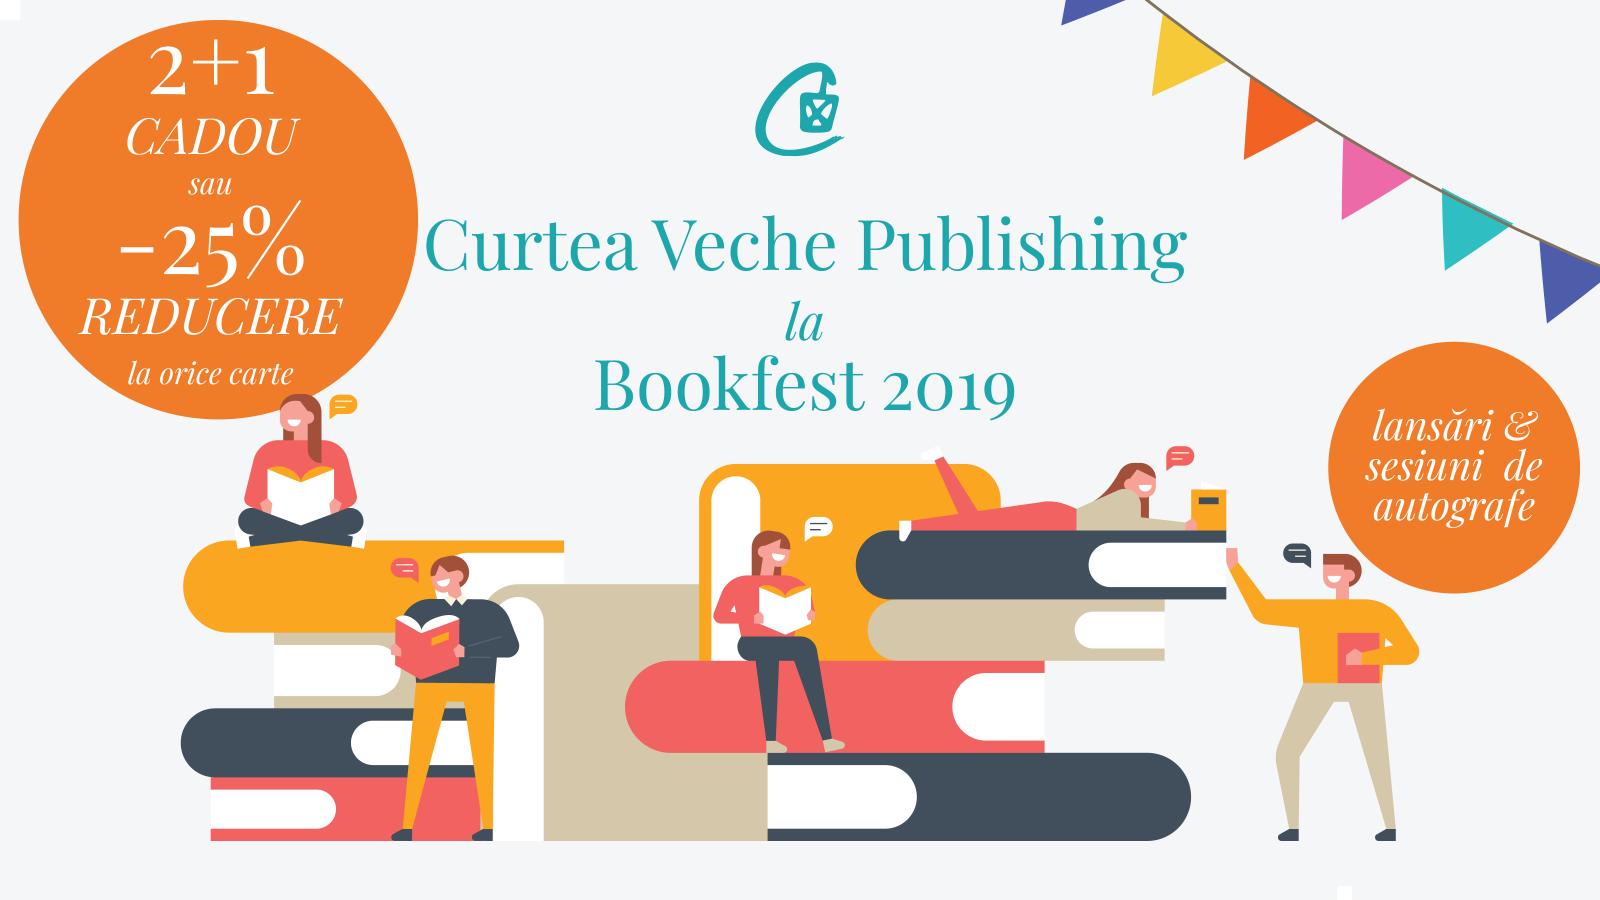 Noua carte a peședintelui Iohannis și 2+1 la toate cărțile din standul Curtea Veche Publishing la Bookfest 2019